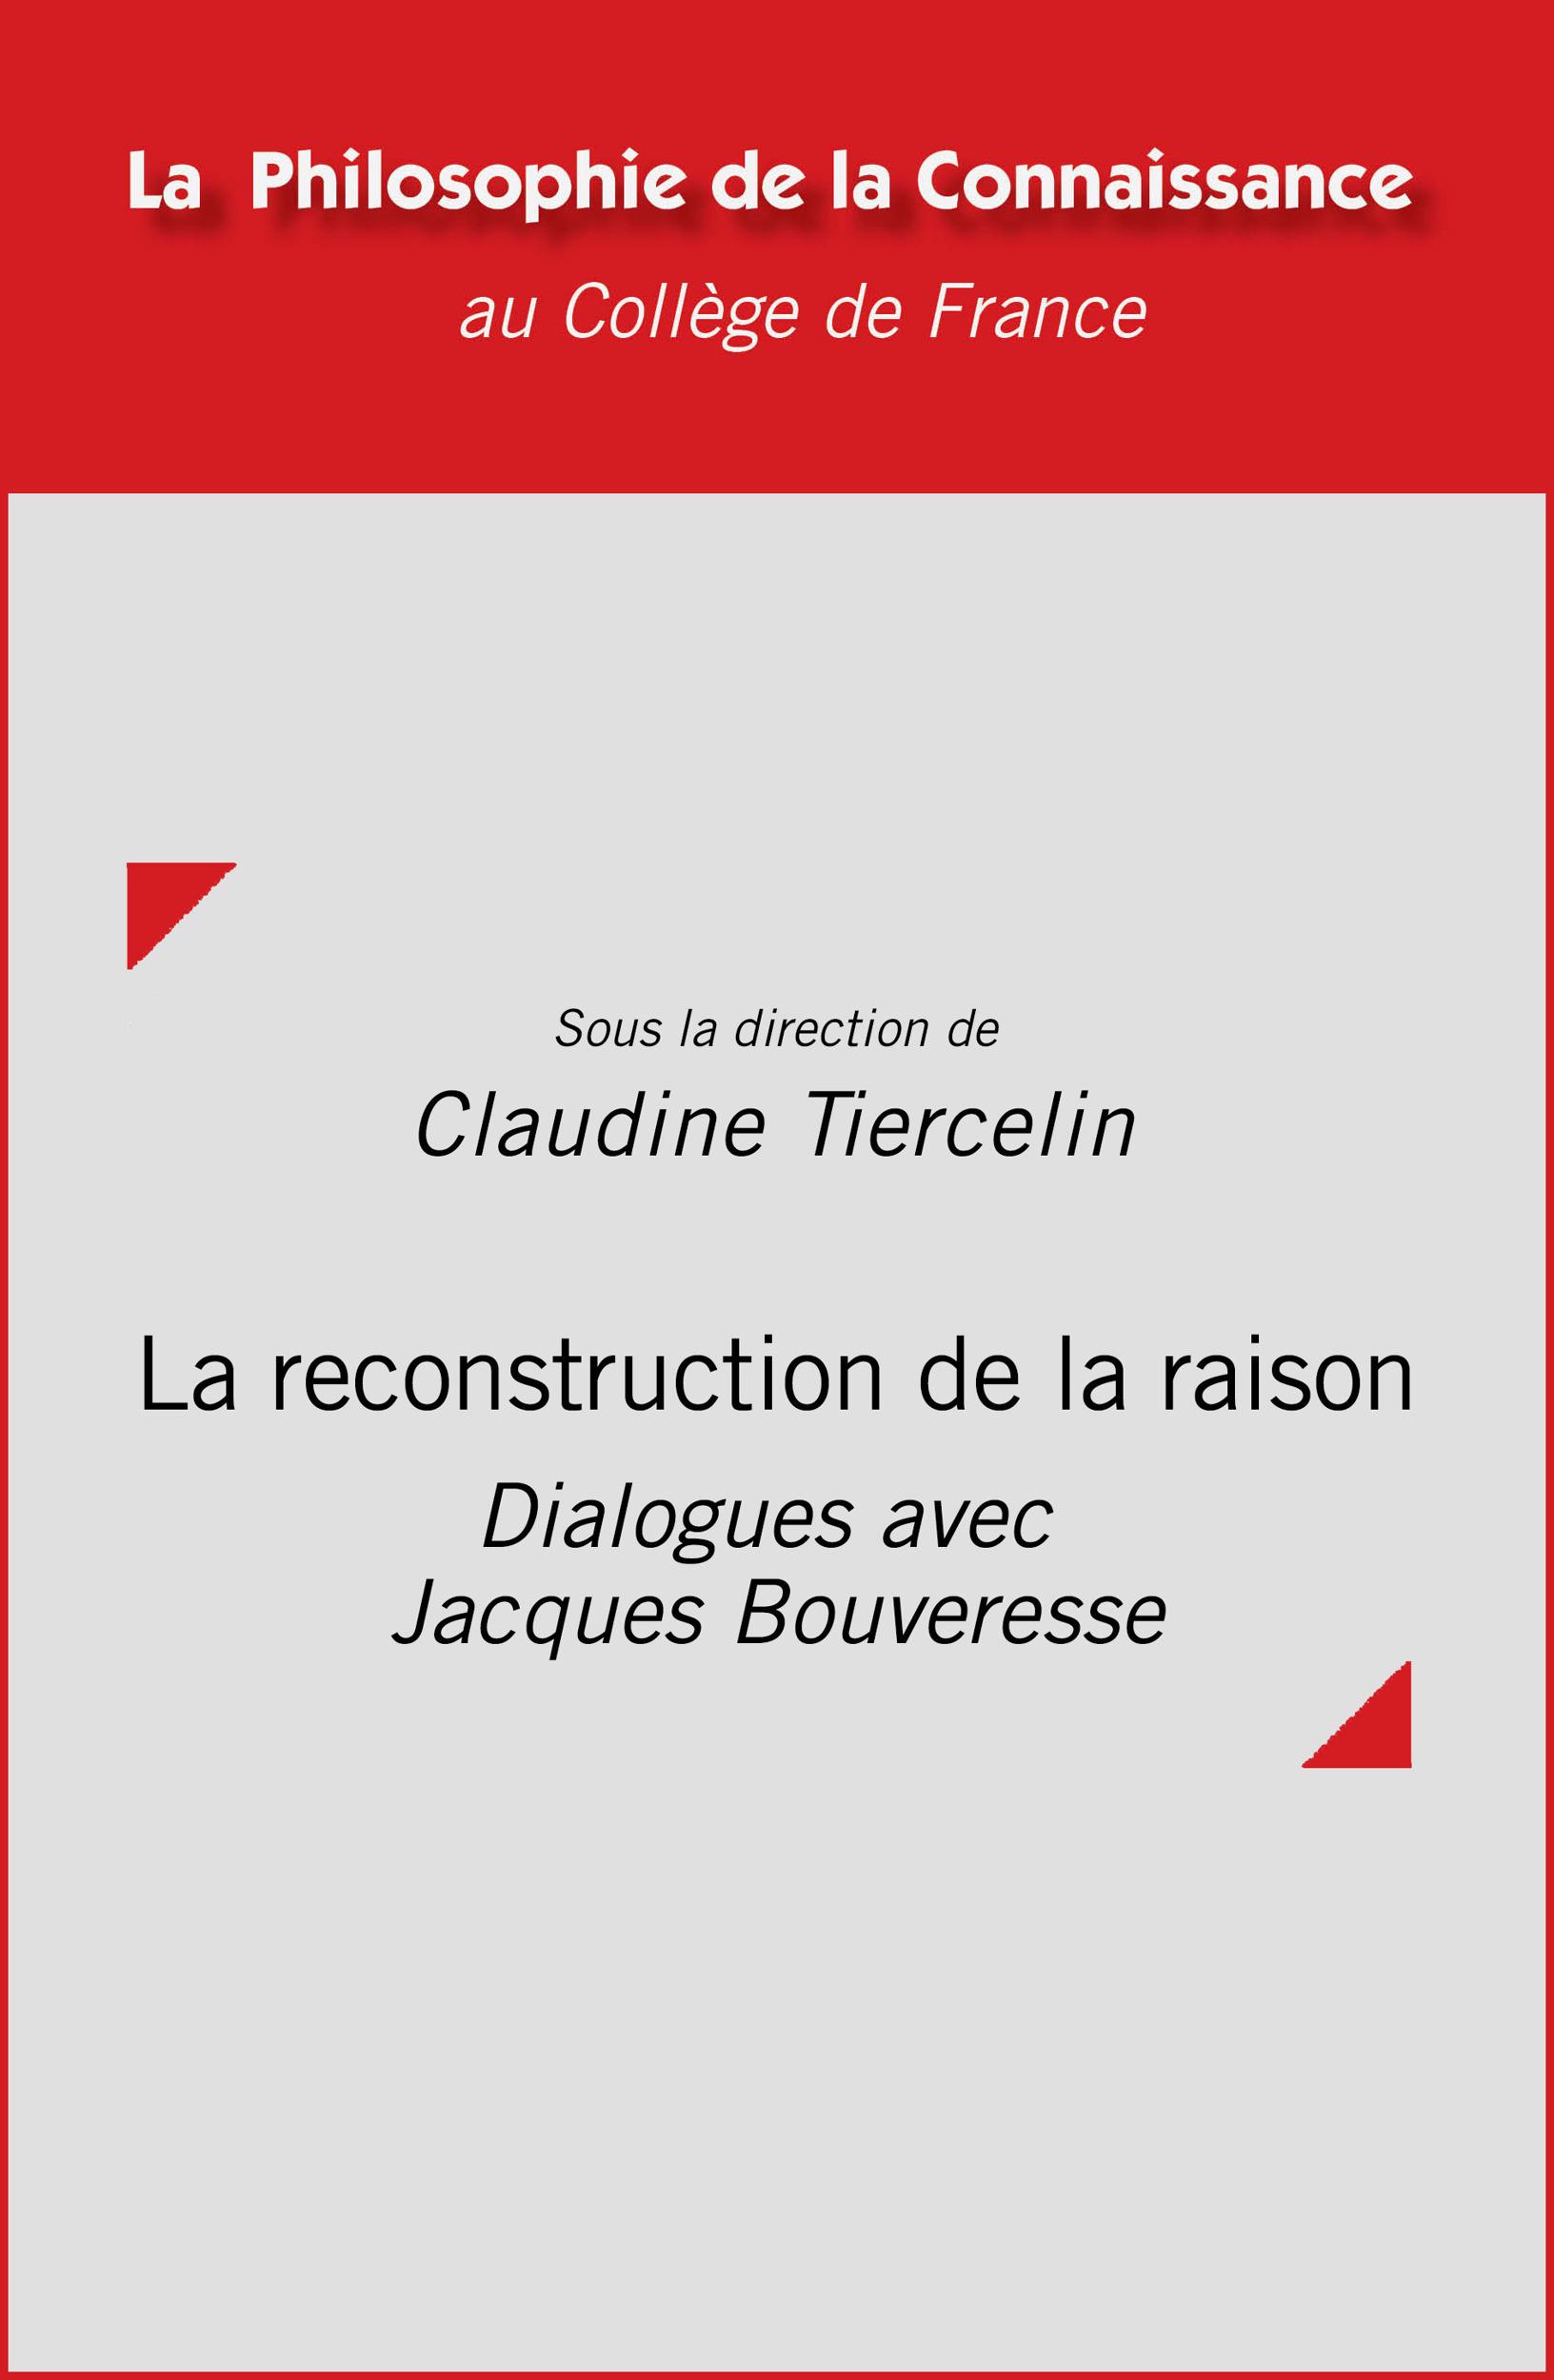 La reconstruction de la raison